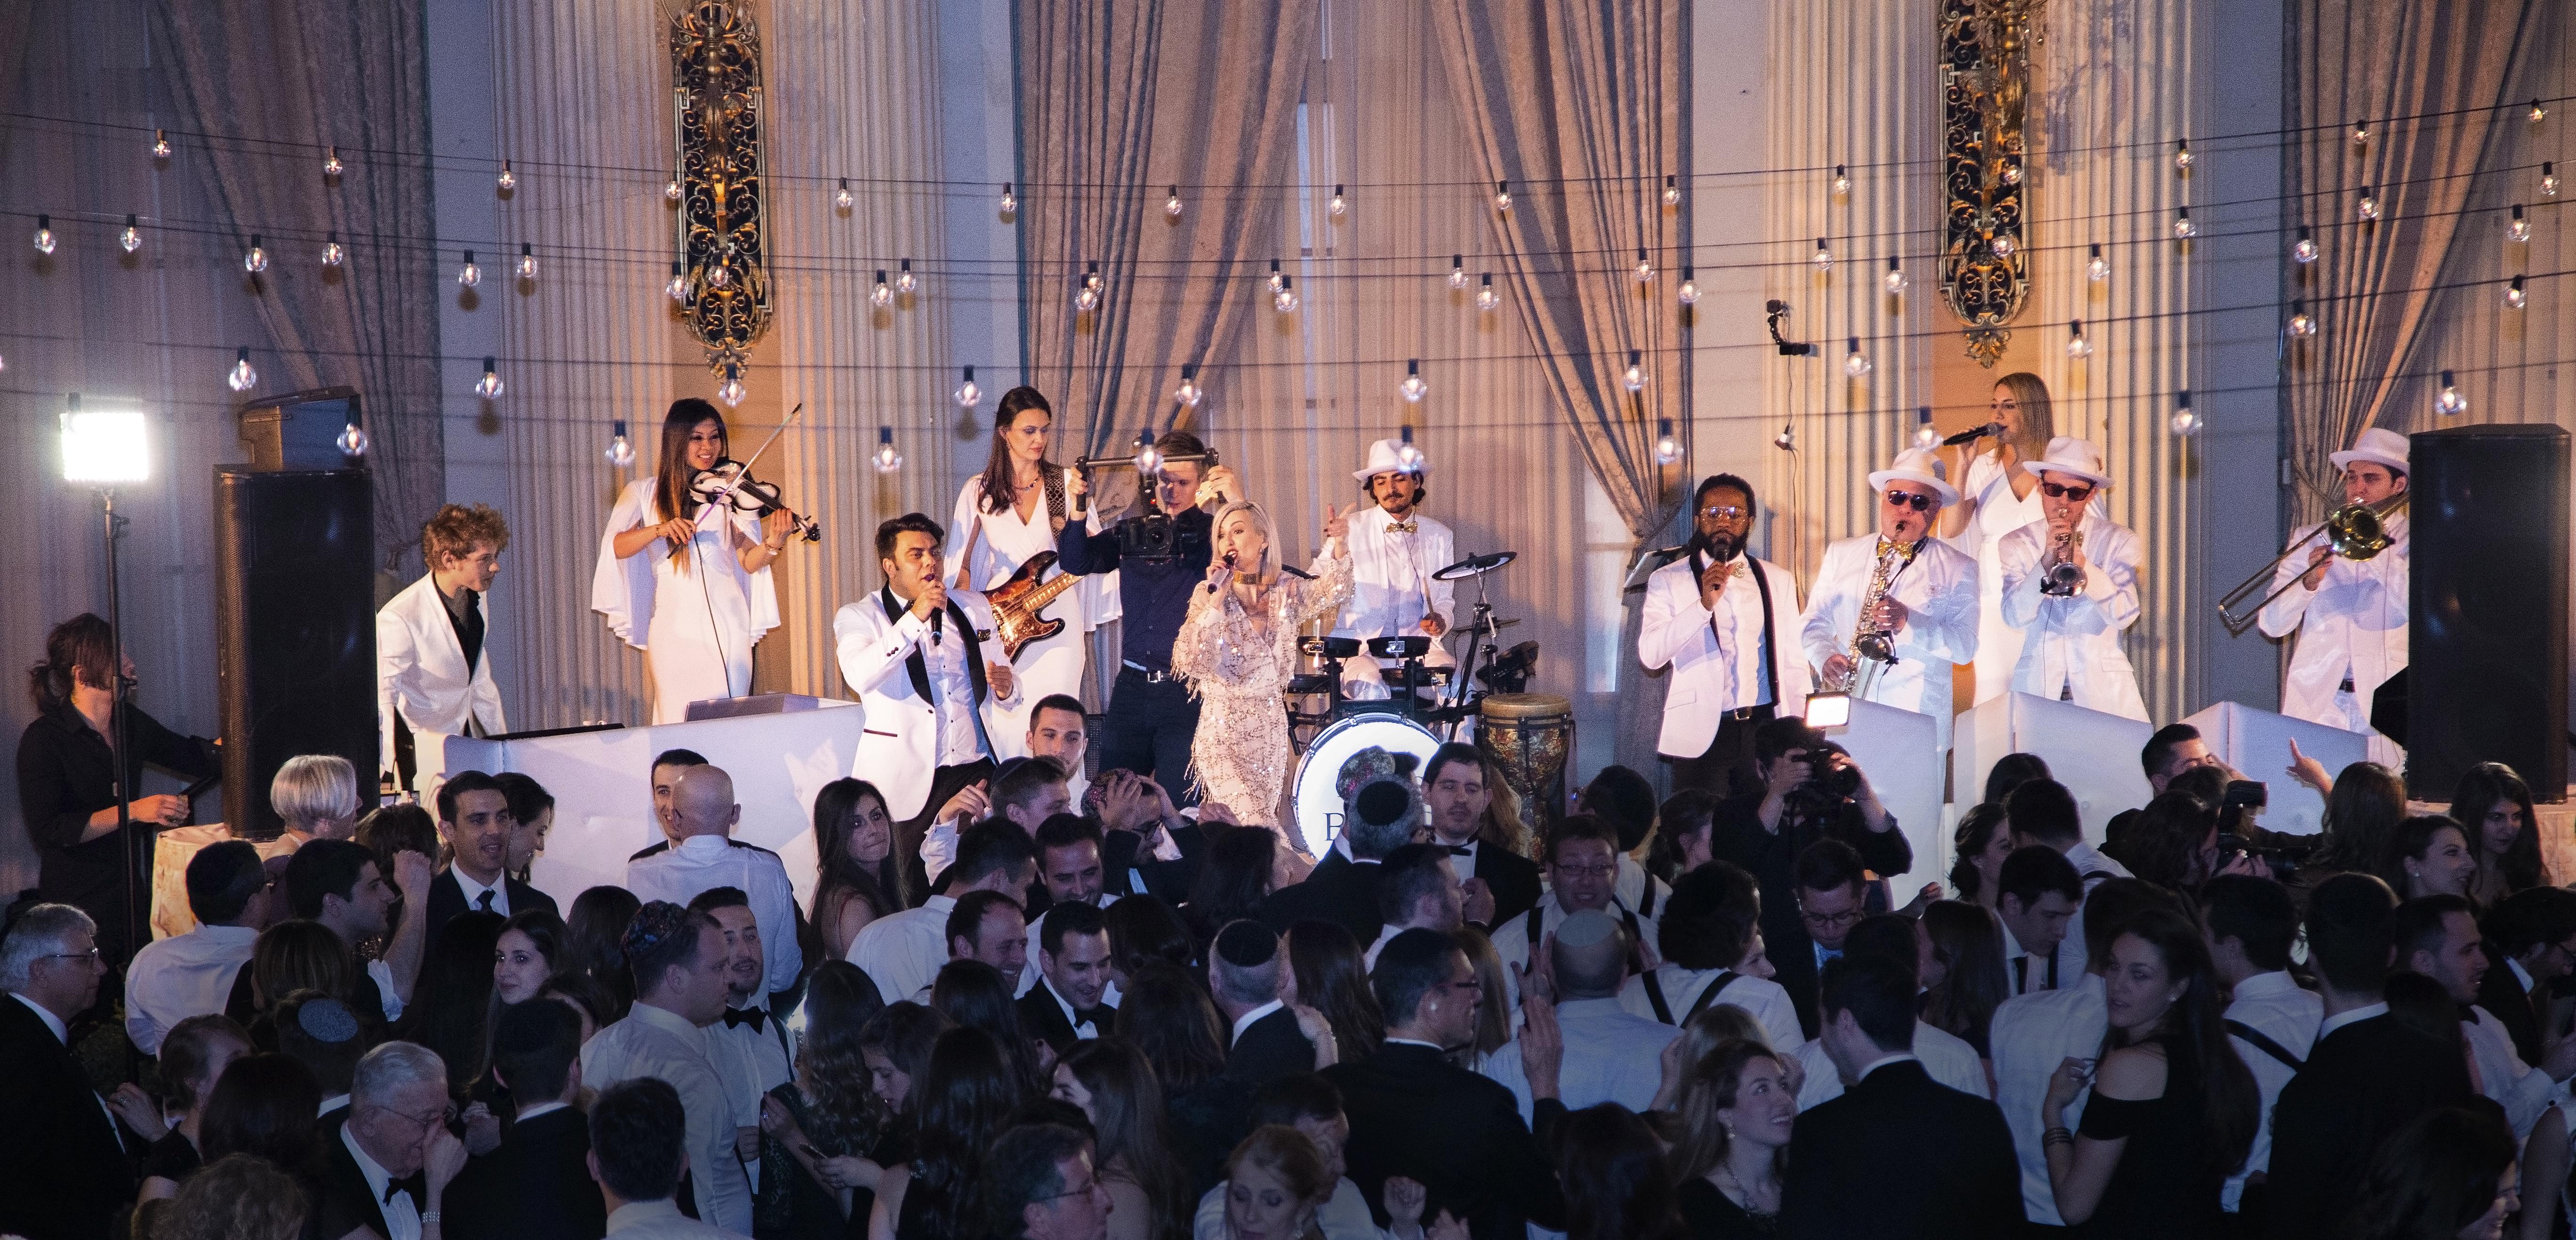 Eli's Band Eli Buzaglo Entertainment